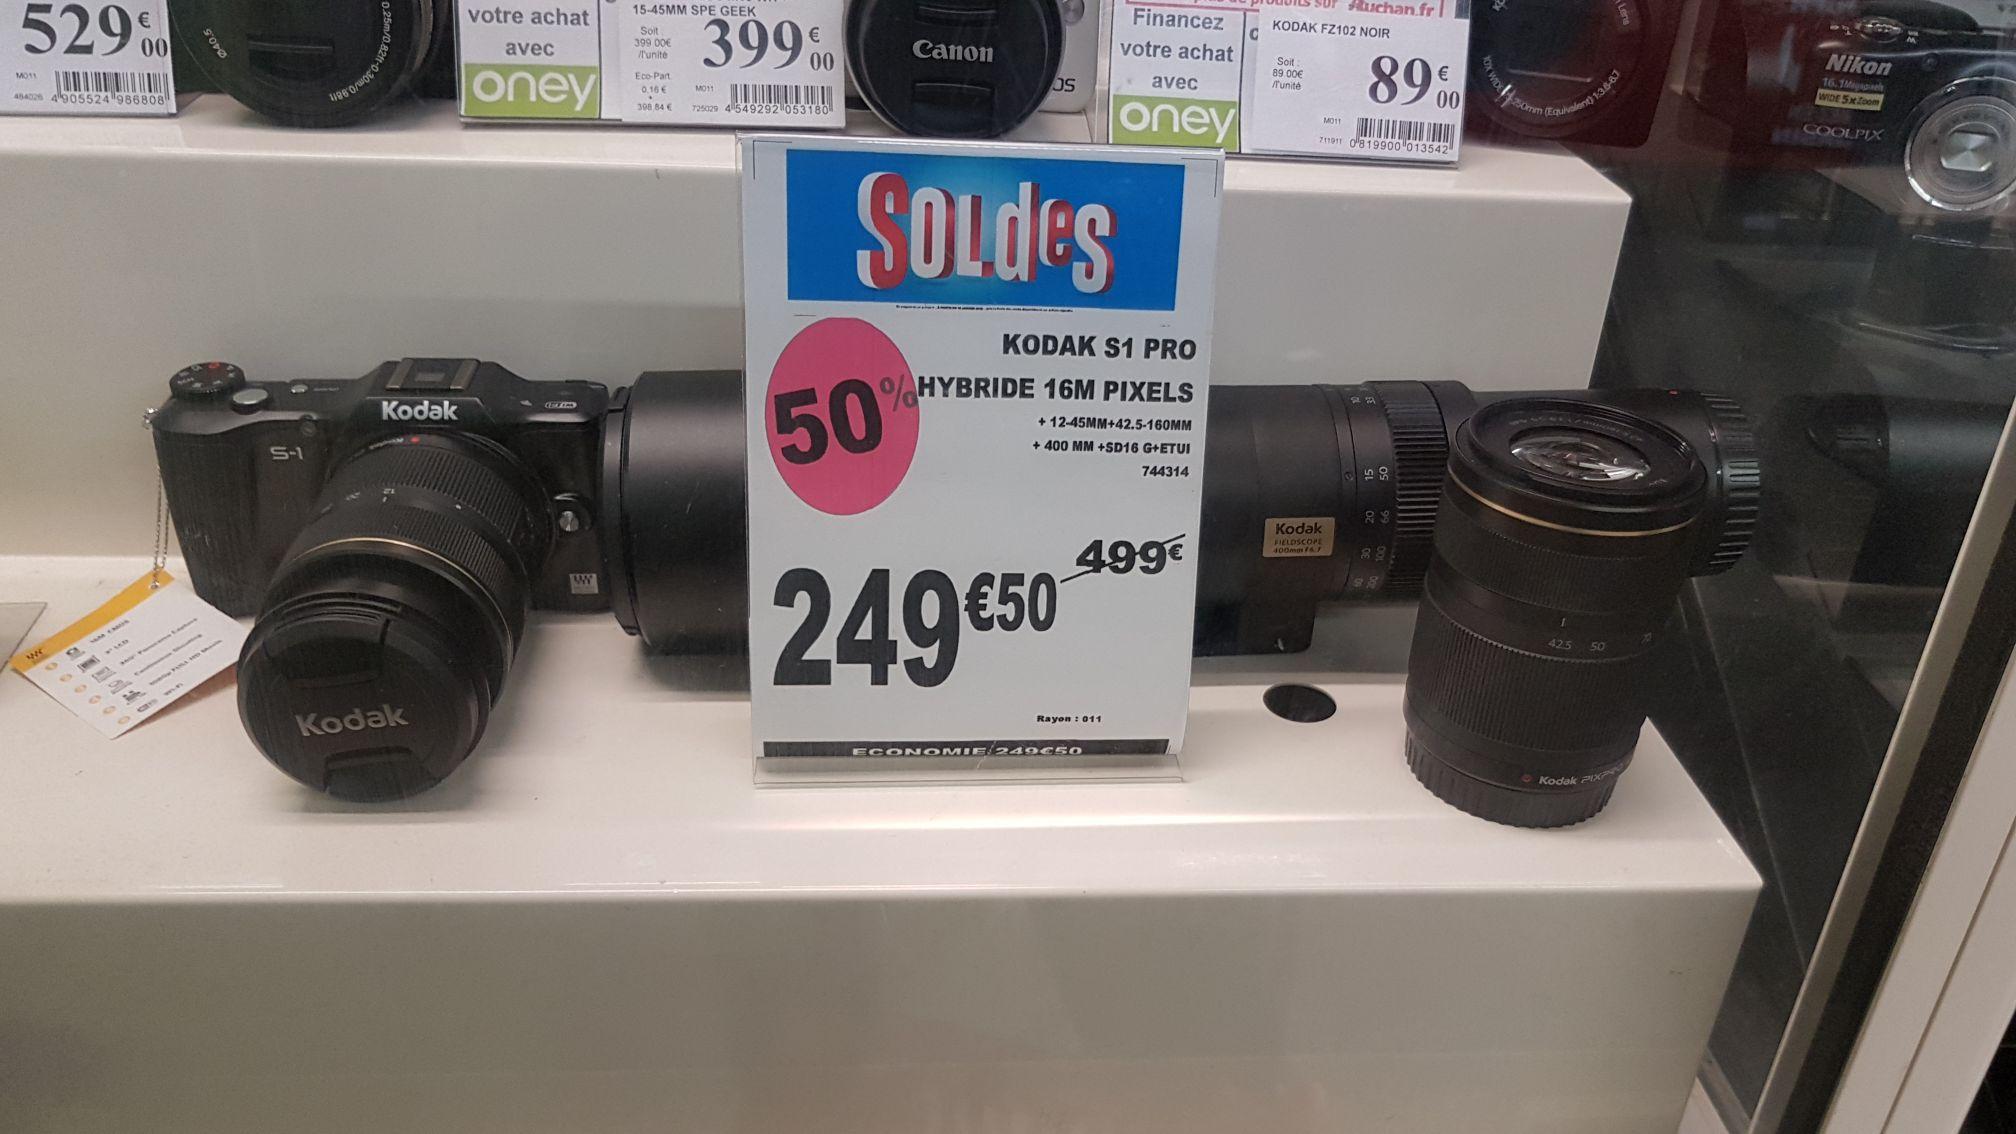 Réflex Hybride Kodak S1 Pro +  objectif 400mm + objectif 12-45mm+ 42.5-160 mm + carte SD 16Go + étui - La Défense (92)